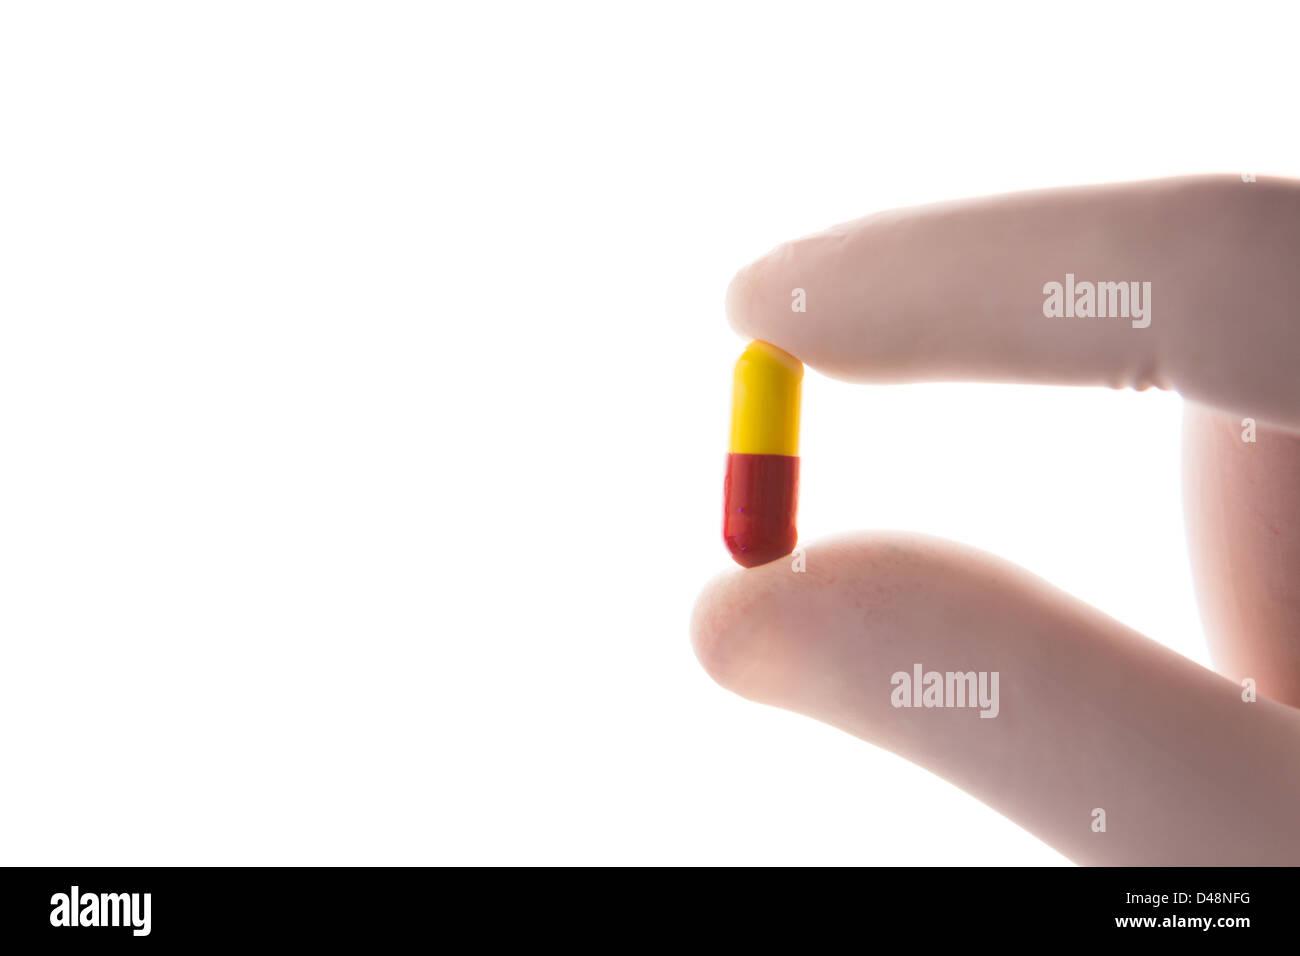 La mano guantata capsula di contenimento tablet Foto Stock